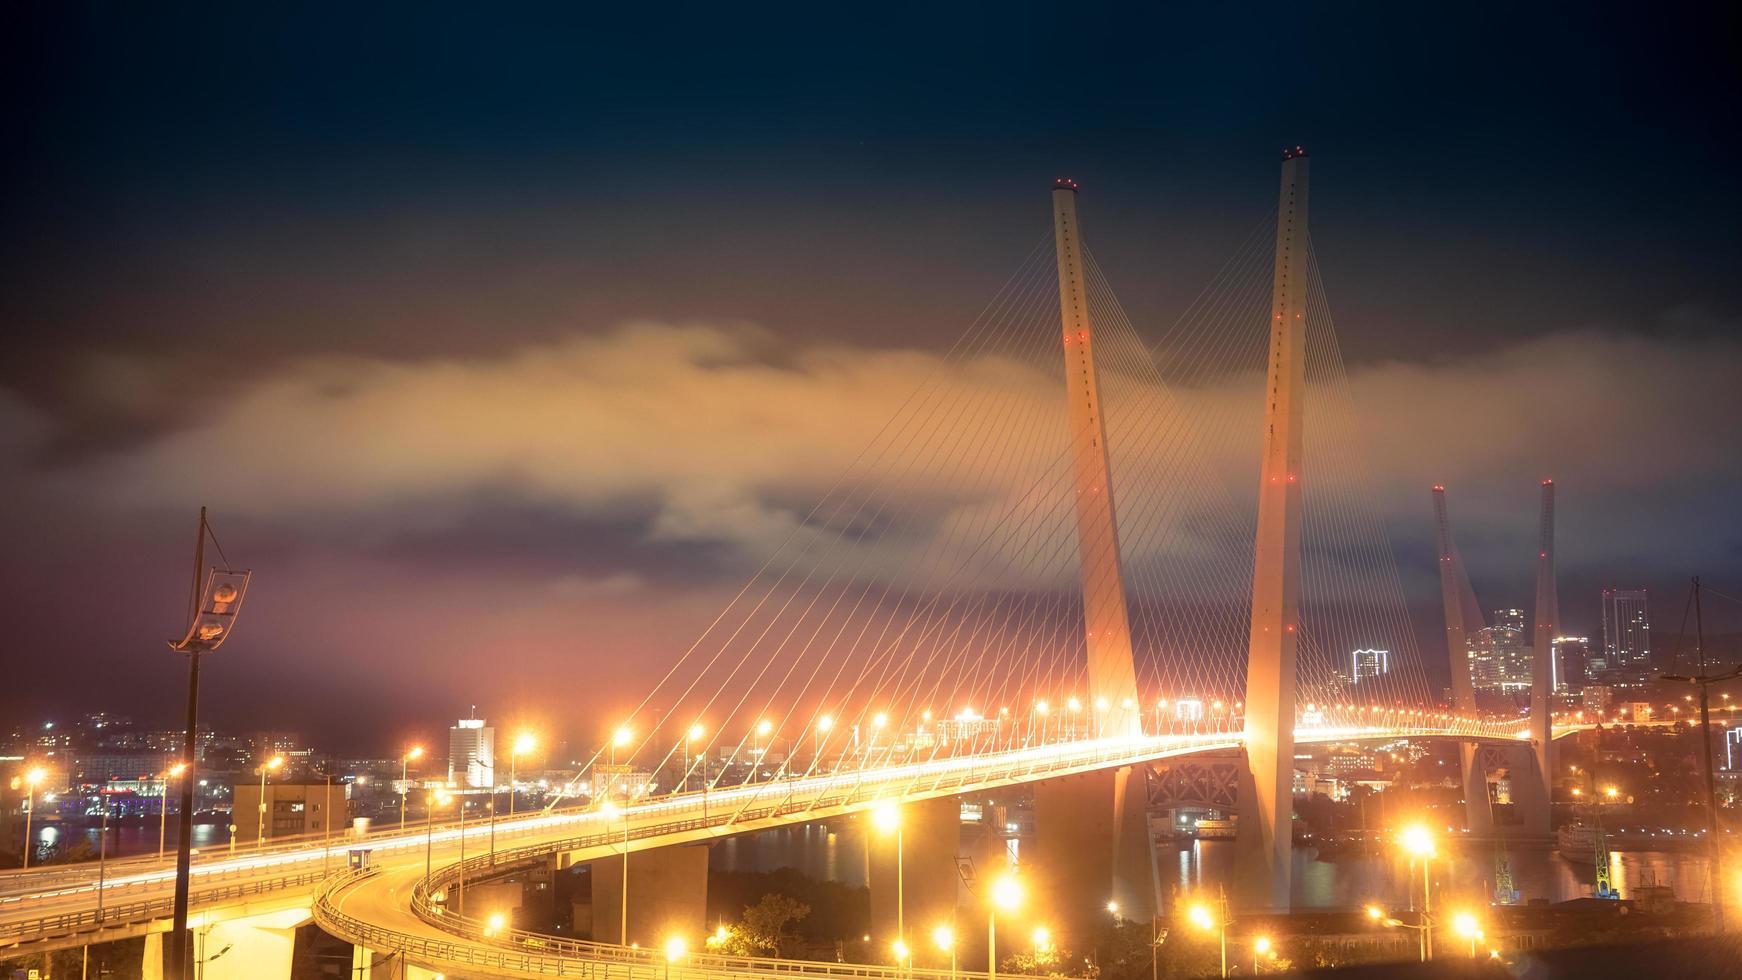 verlicht gouden brug met bewolkte hemel 's nachts in Vladivostok, Rusland foto